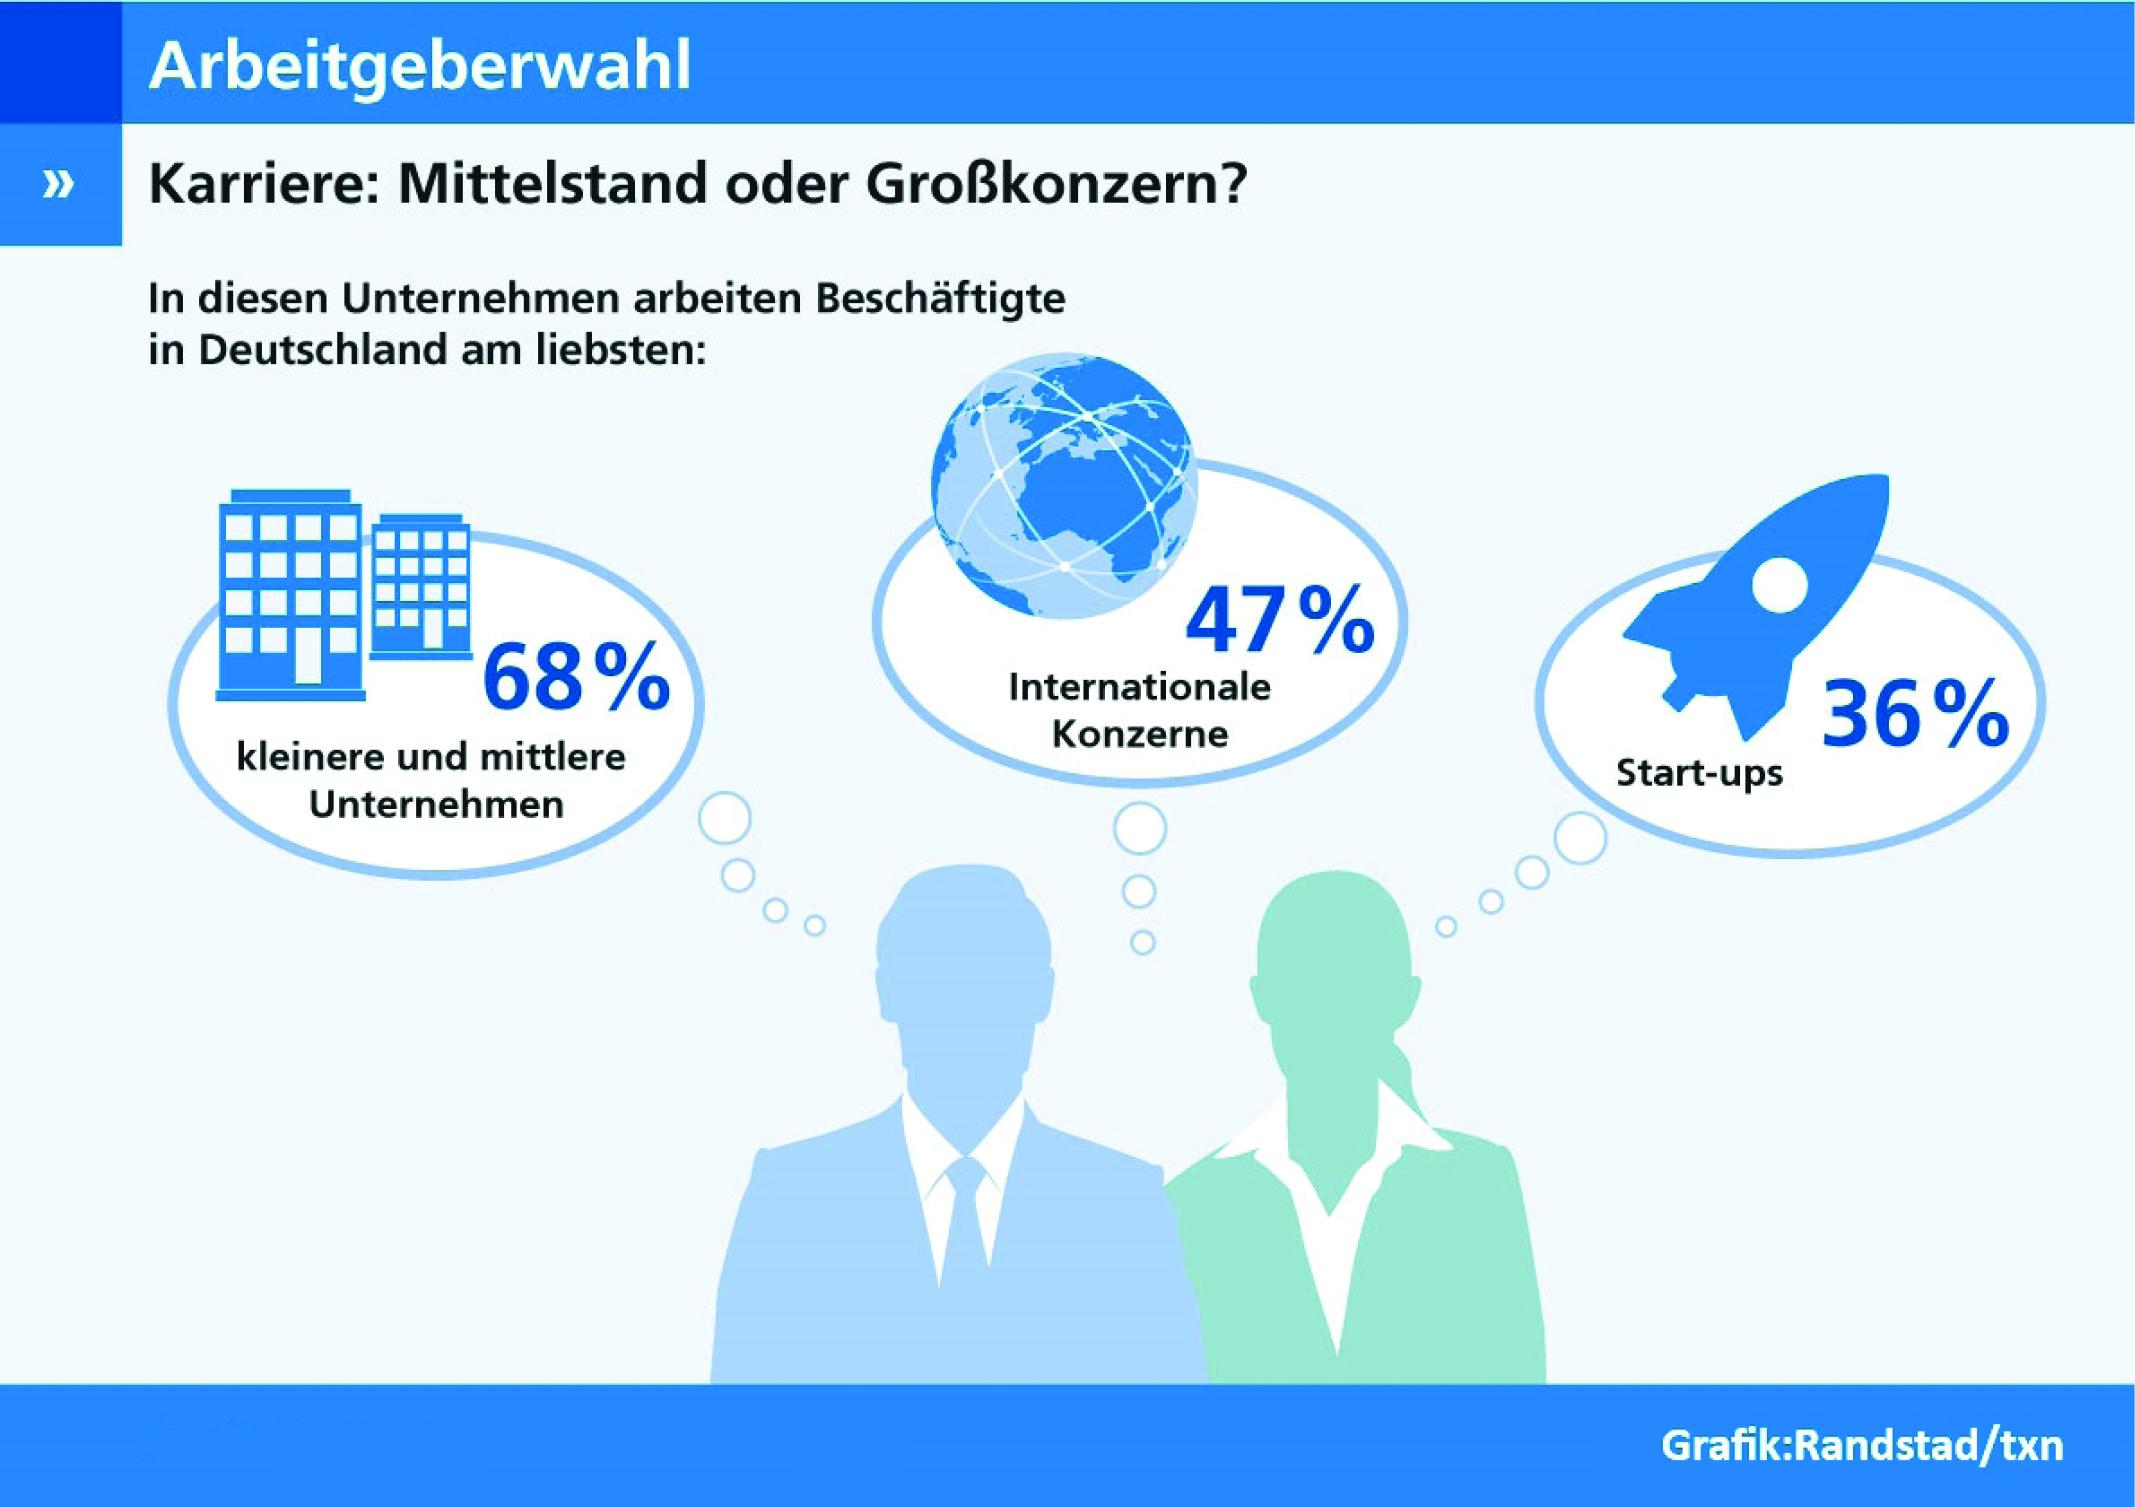 Umfragen machen deutlich: Arbeitnehmer arbeiten am liebsten in kleineren Unternehmen